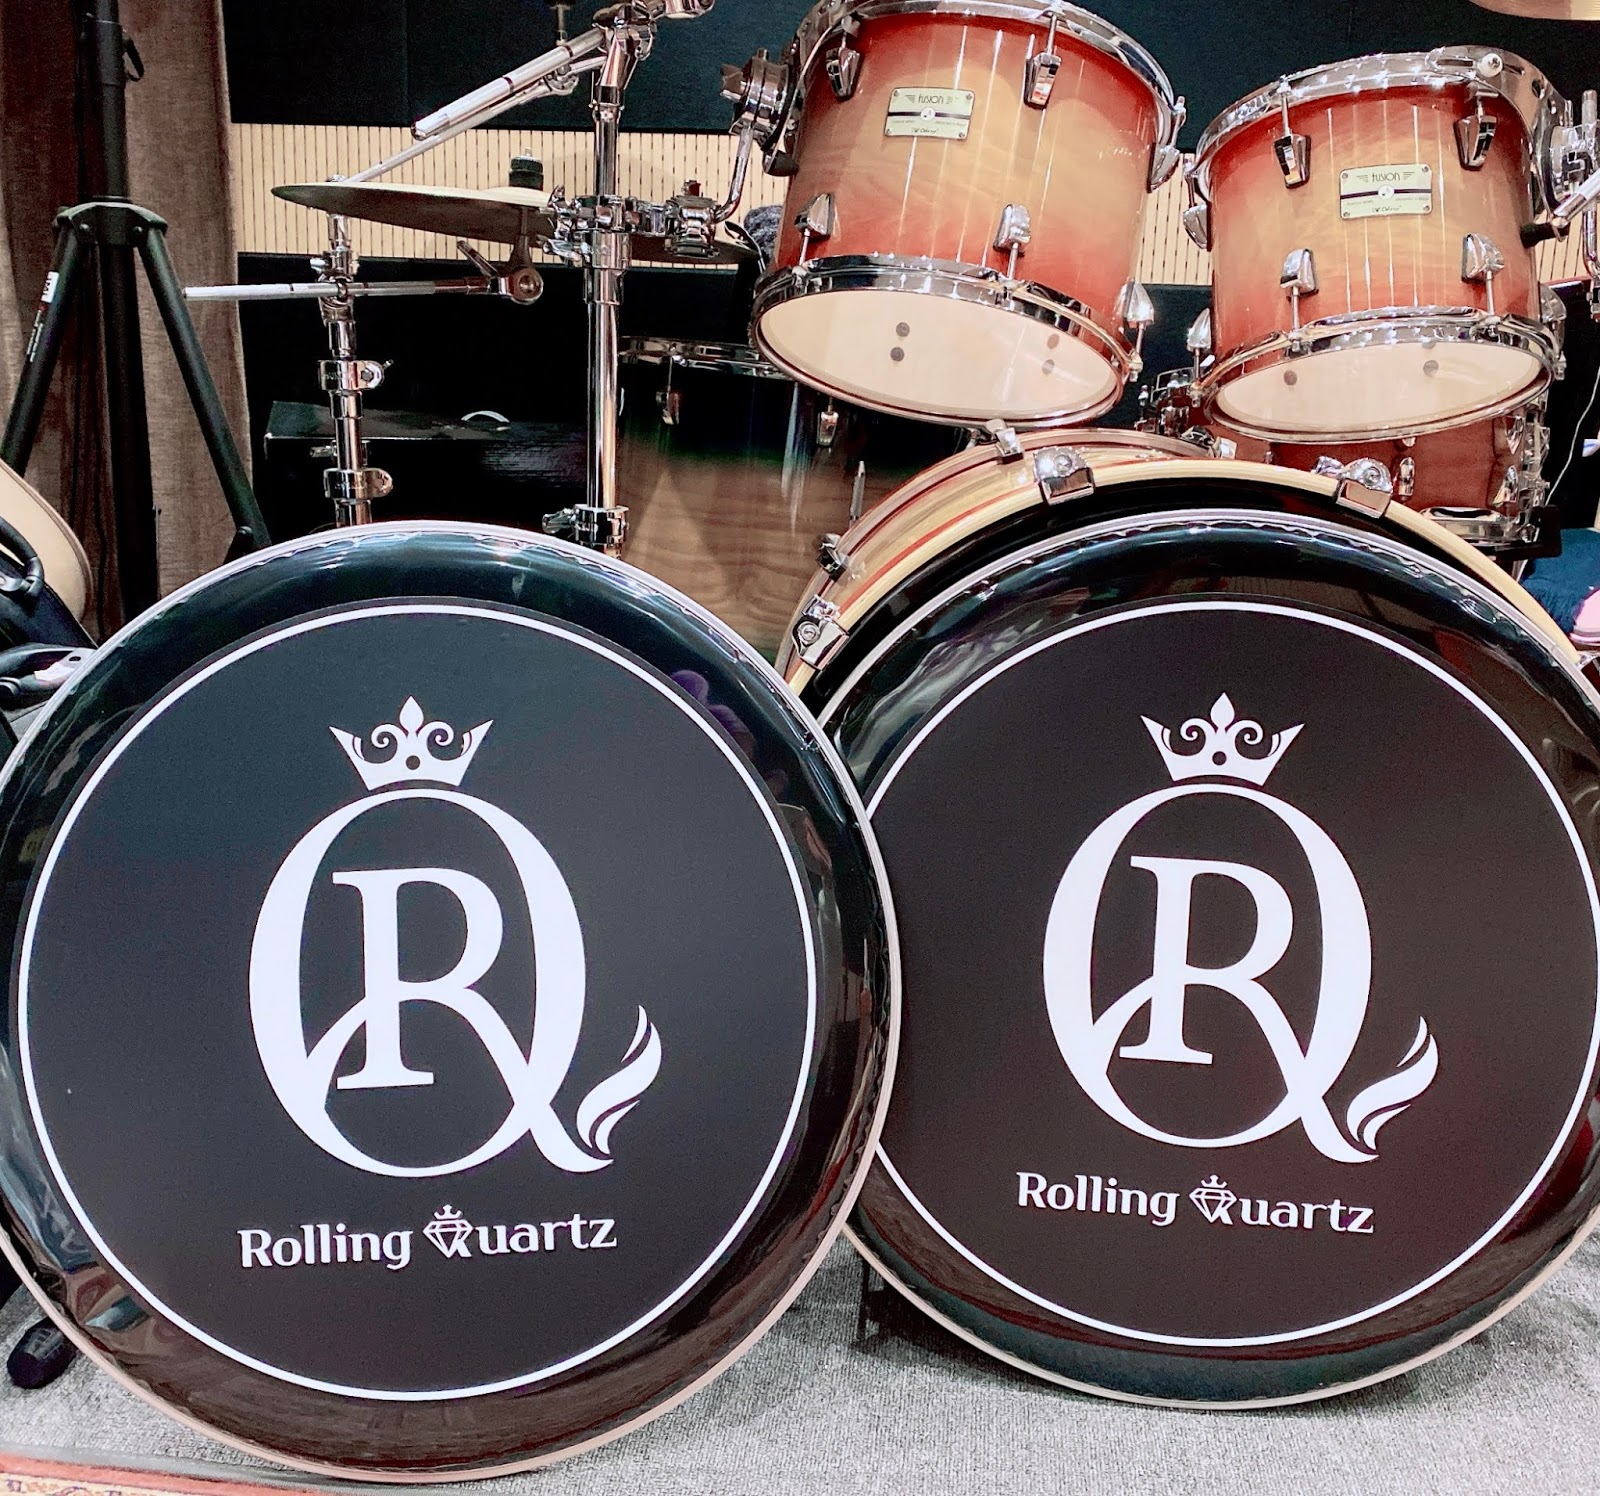 rolling quartz logo